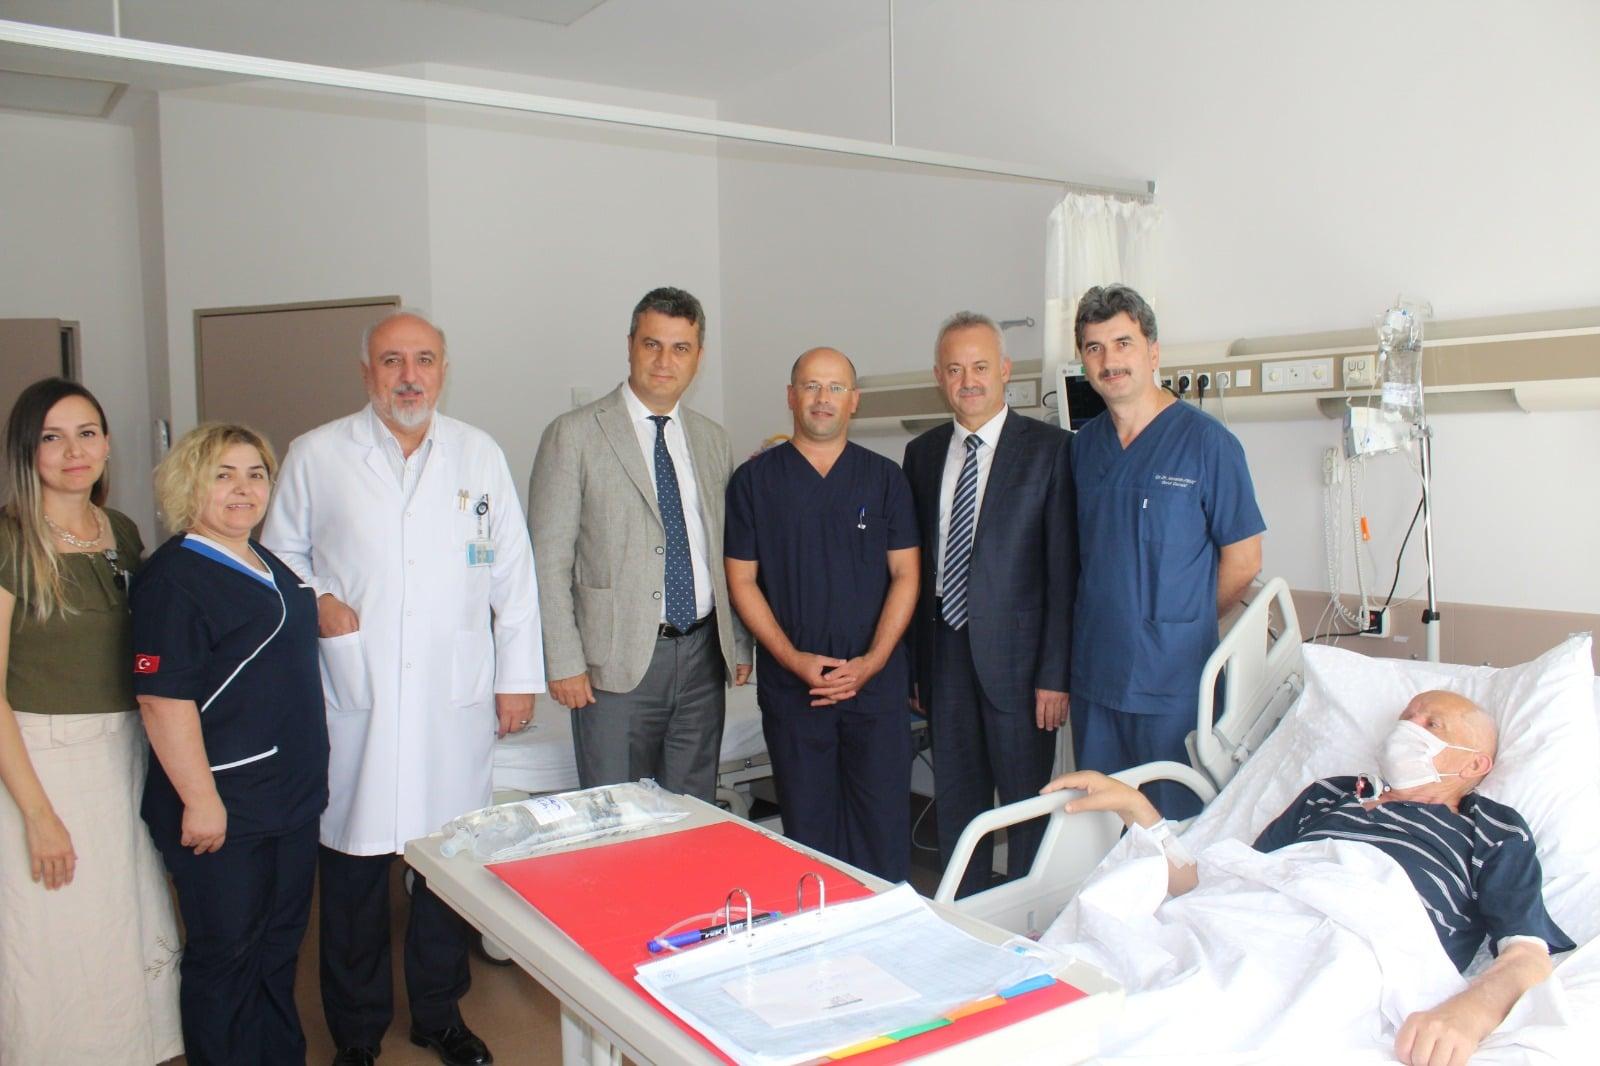 Sakarya Üniversitesi Eğitim ve Araştırma Hastanesinde Kadavradan Böbrek Nakli Yapıldı